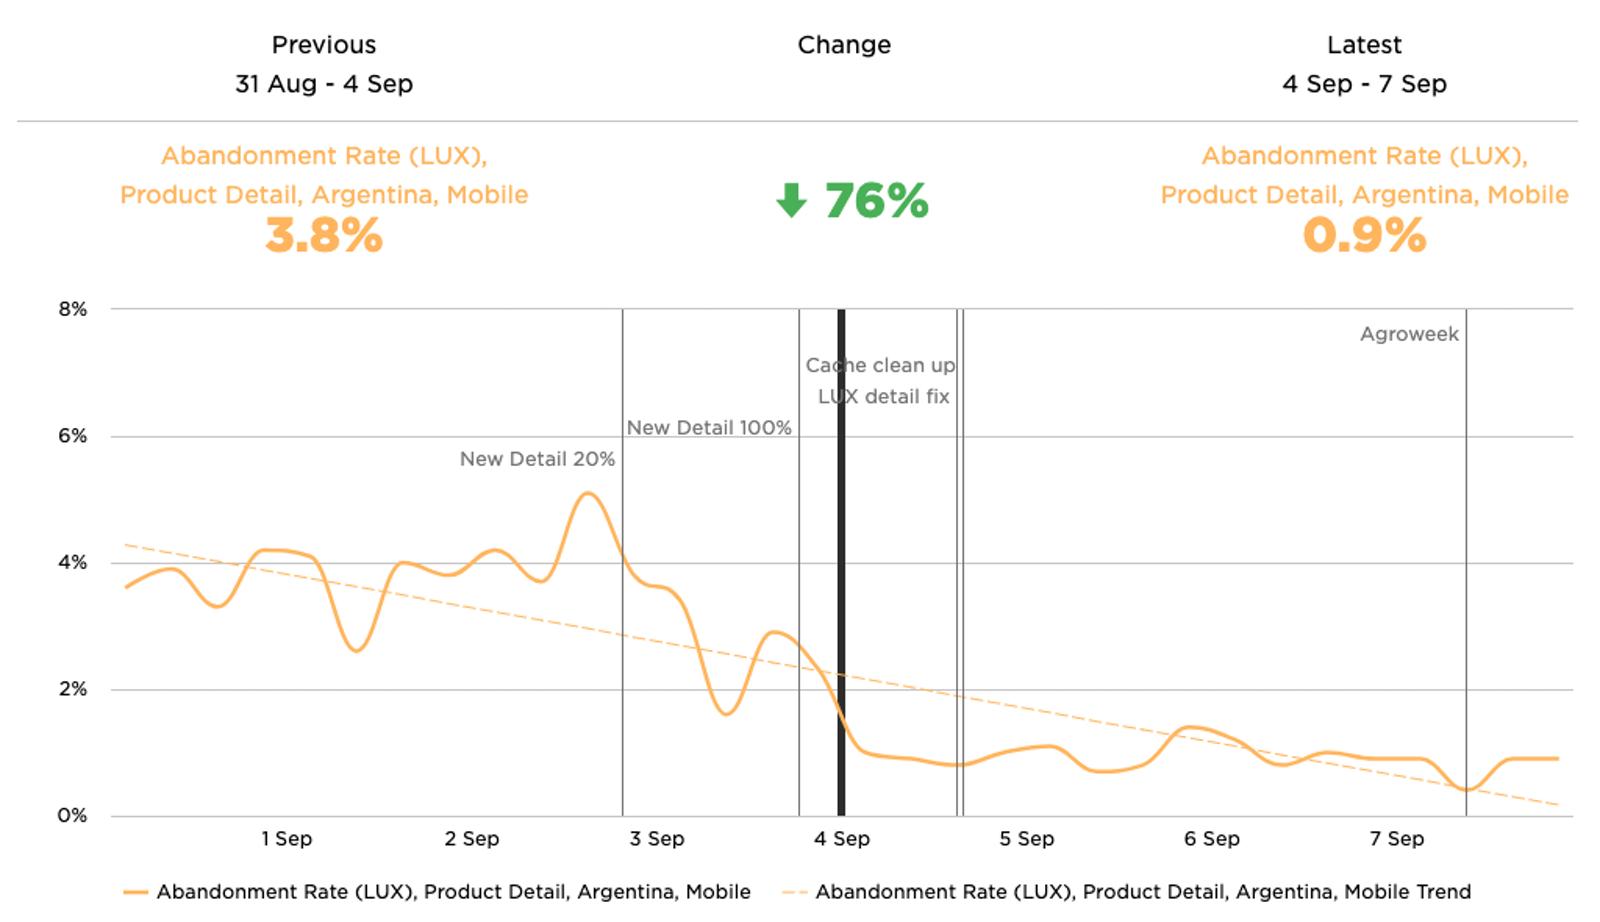 퍼포먼스 최적화 후 제품 세부 정보 페이지에서 로딩 포기율 76% 감소를 보여주는 그래프